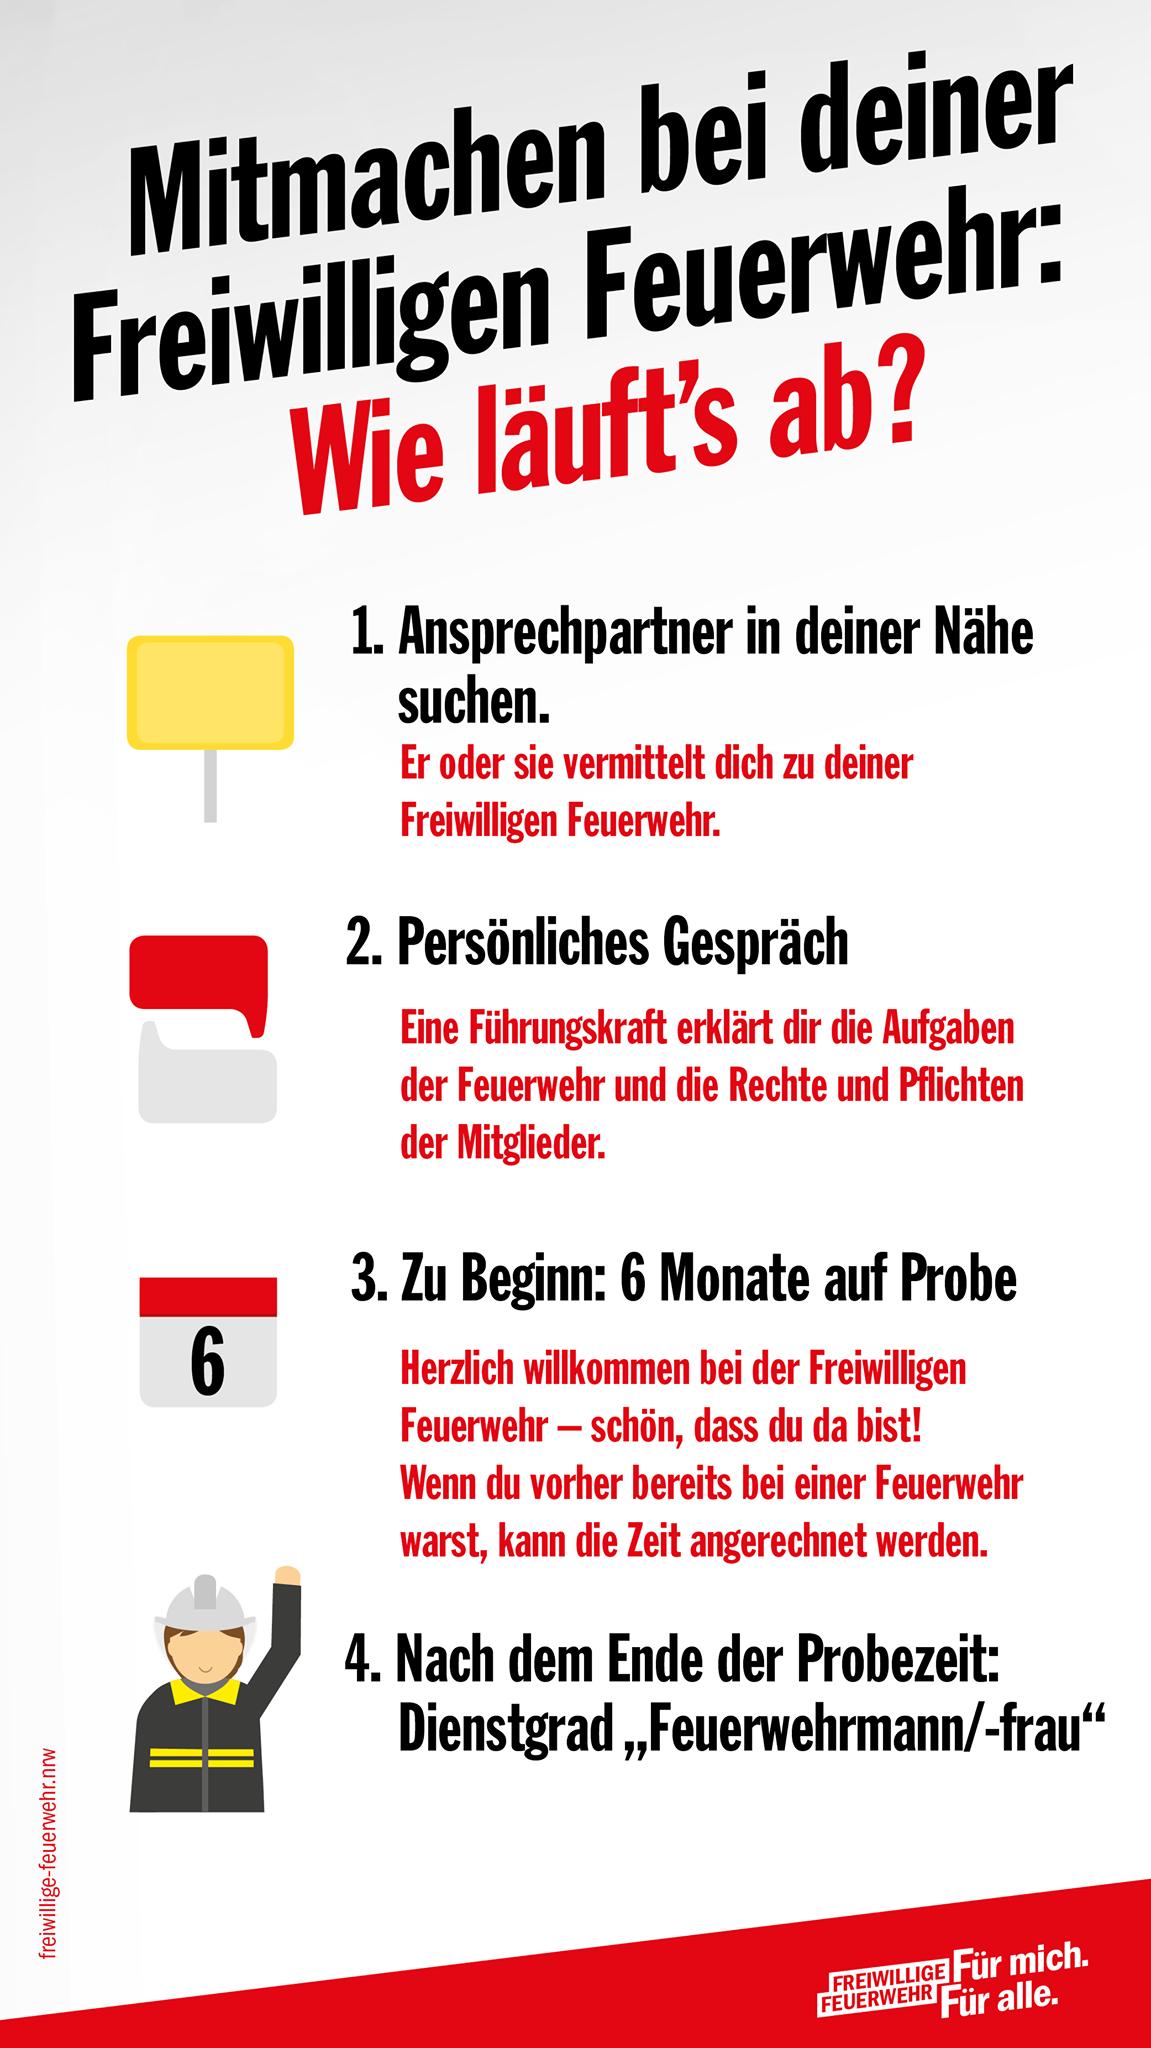 Fein Lade Deinen Lebenslauf Auf Monster.com Hoch Ideen - Beispiel ...